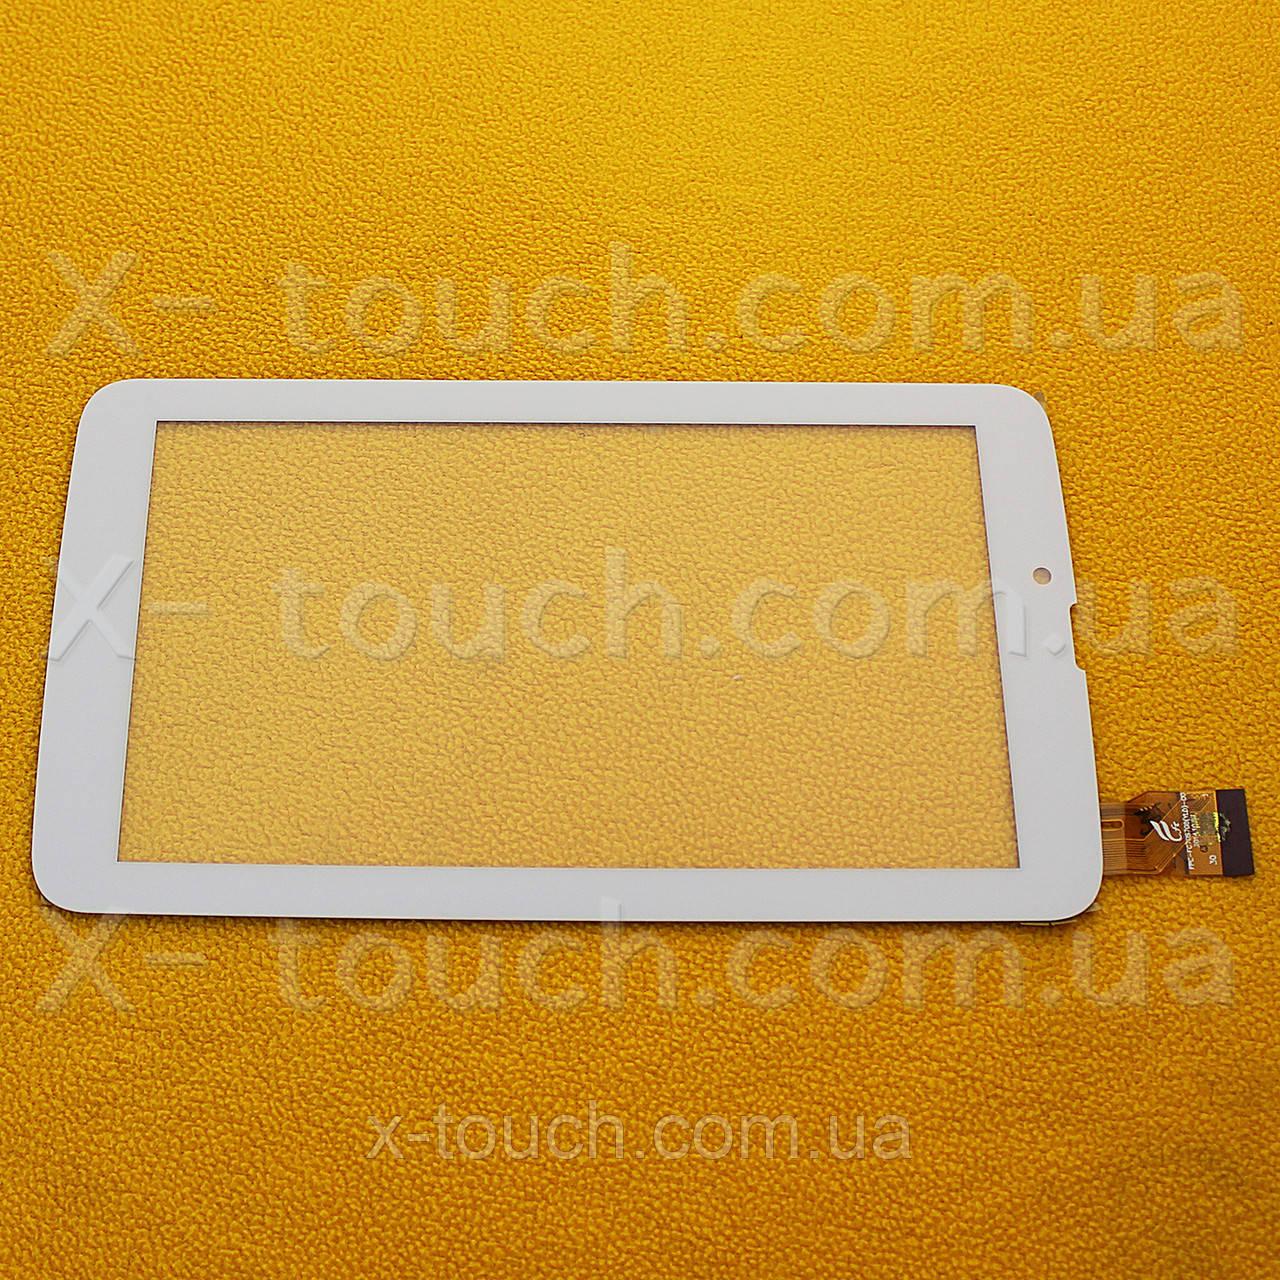 Тачскрин, сенсор  Ampe A77 Wi-Fi  для планшета